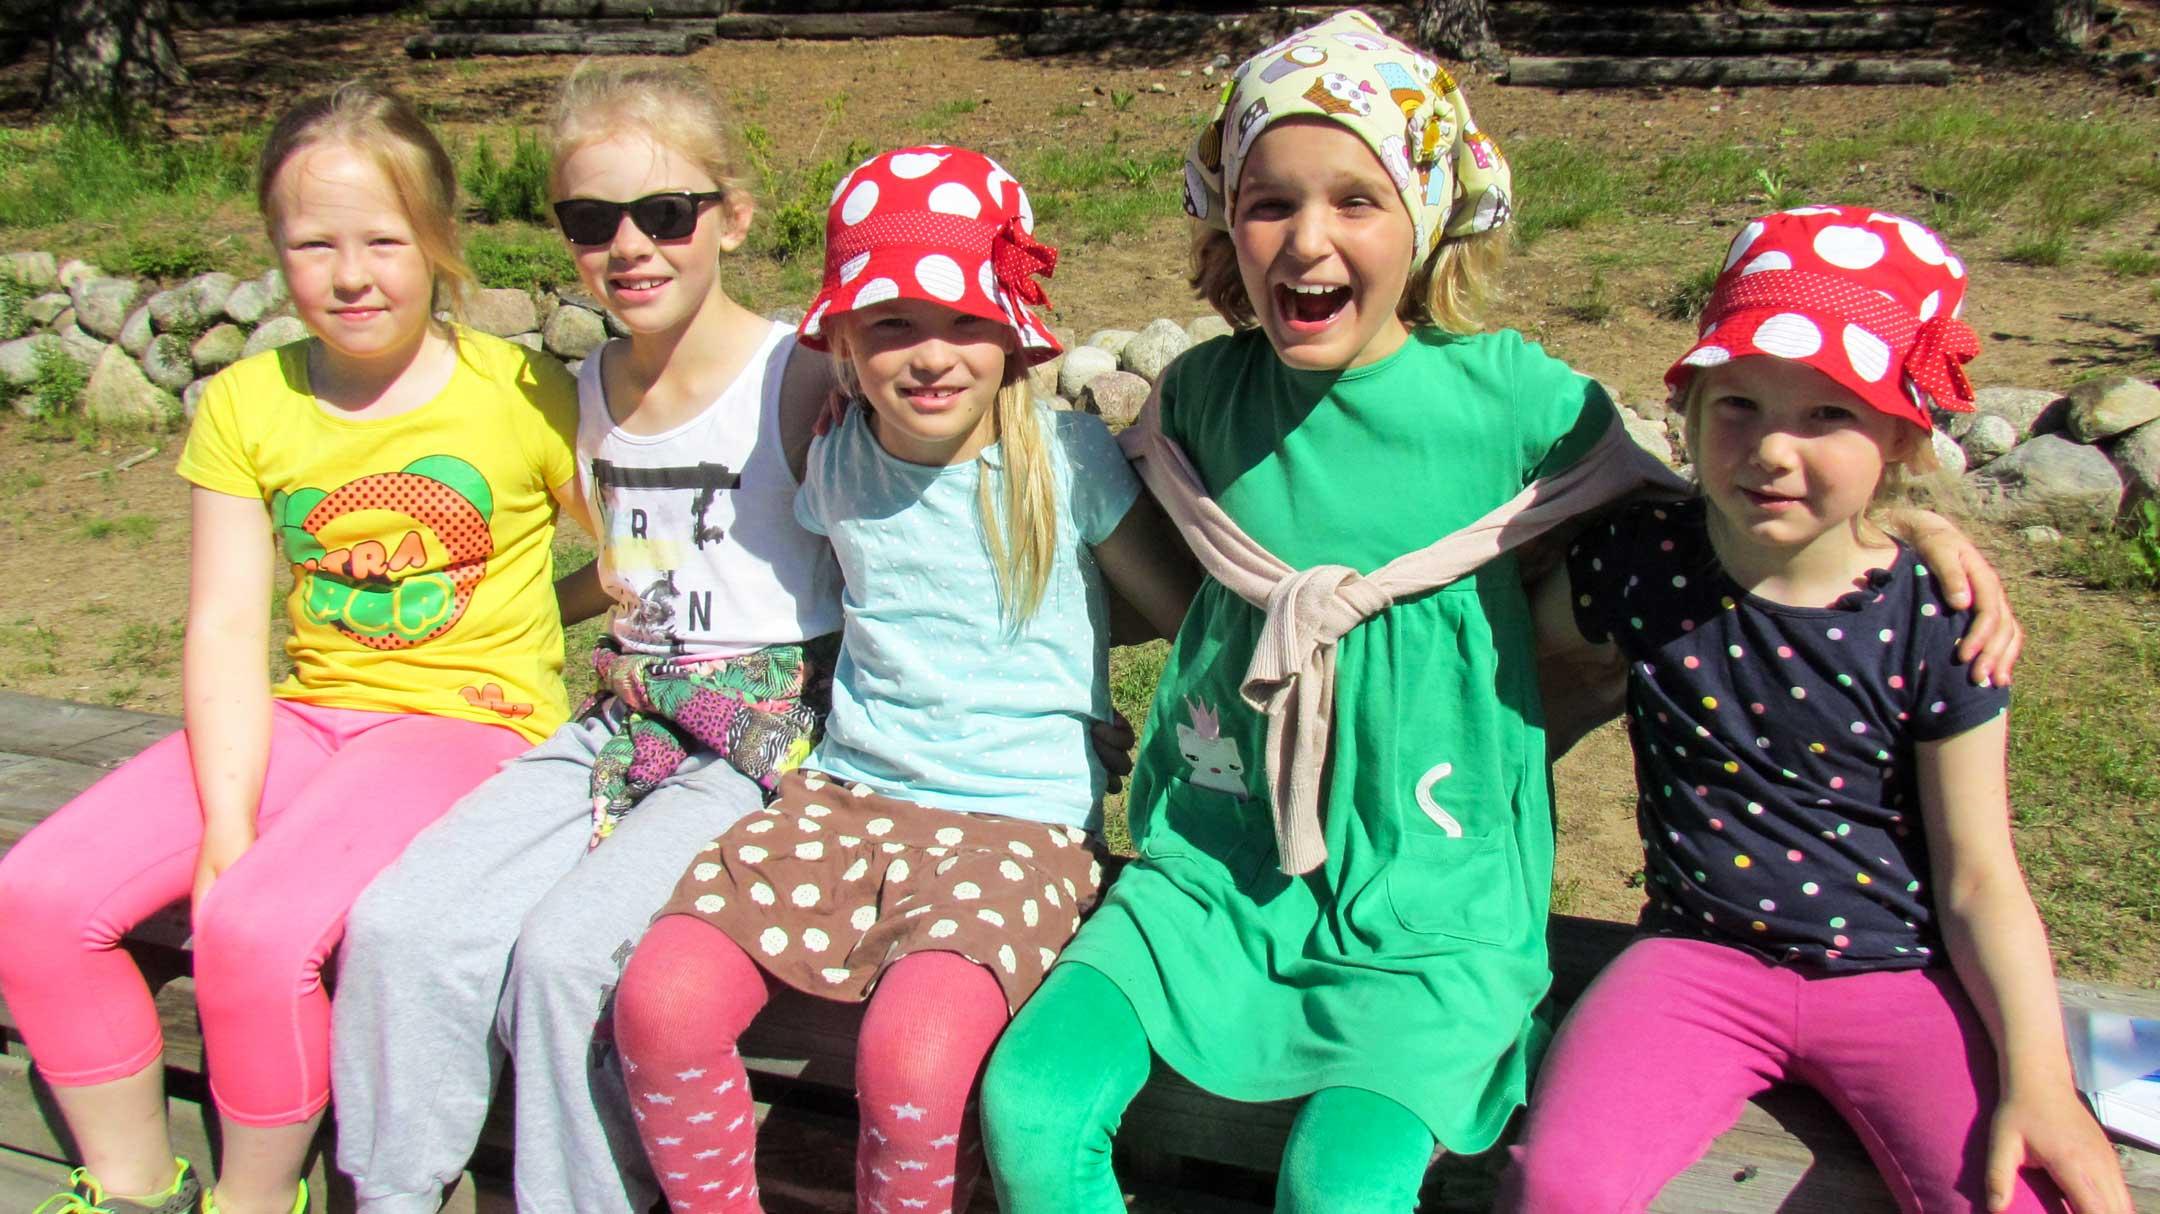 Viisi lasta istuu ulkona penkillä vierekkäin, kaikilla on värikkäät kesävaatteet, sää on aurinkoinen.